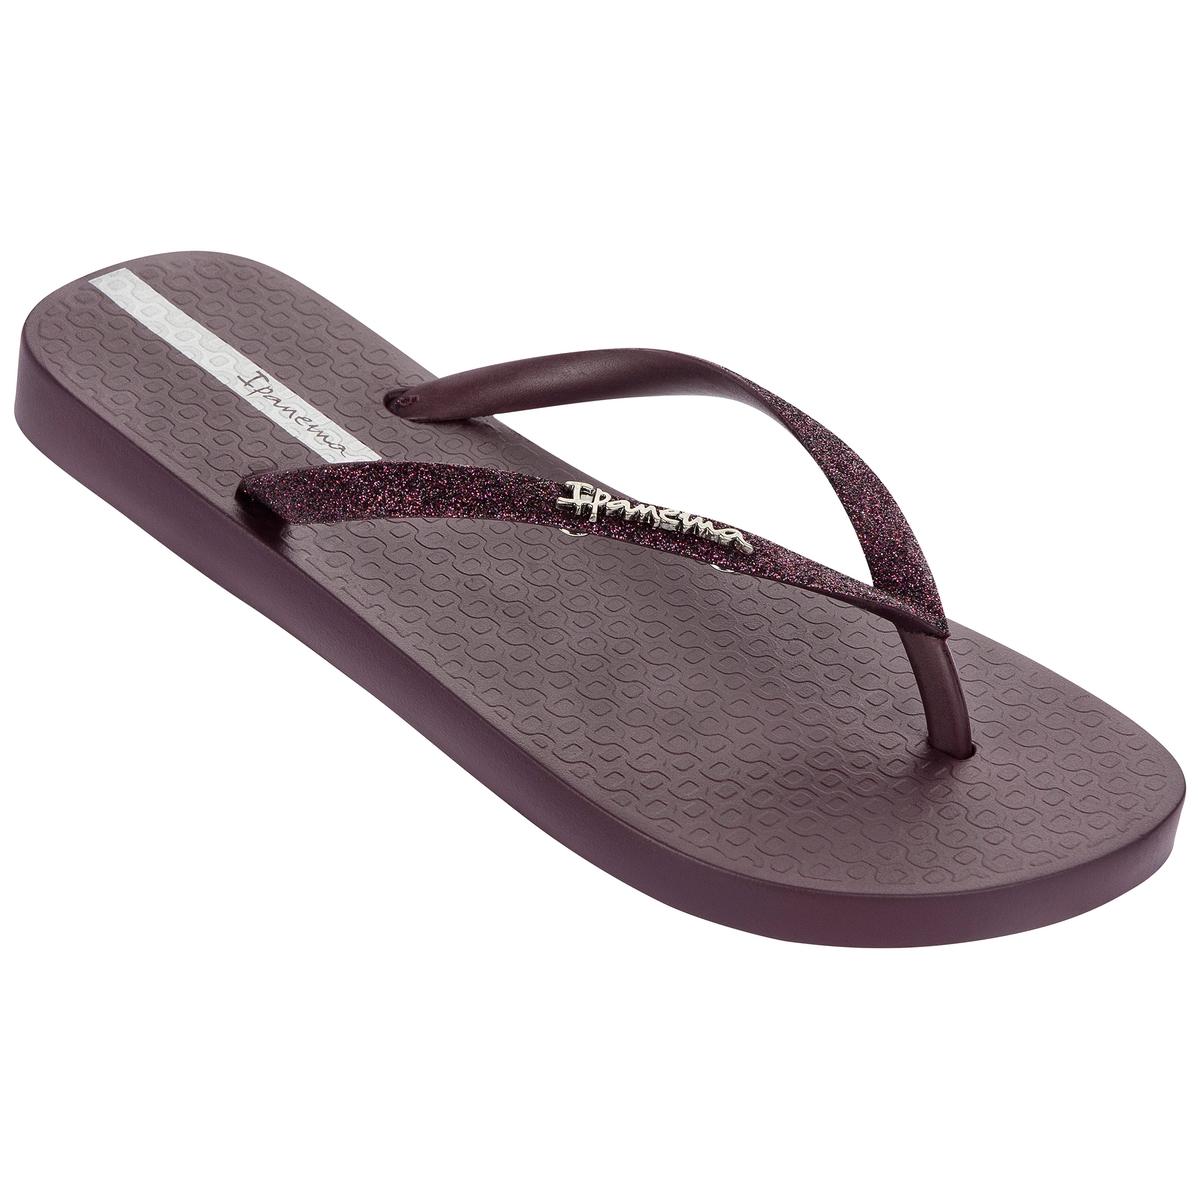 Вьетнамки Lolita IIIВерх: каучук      Подошва: каучук   Форма каблука: плоская   Мысок: закругленный   Застежка: без застежки<br><br>Цвет: бордовый<br>Размер: 35/36